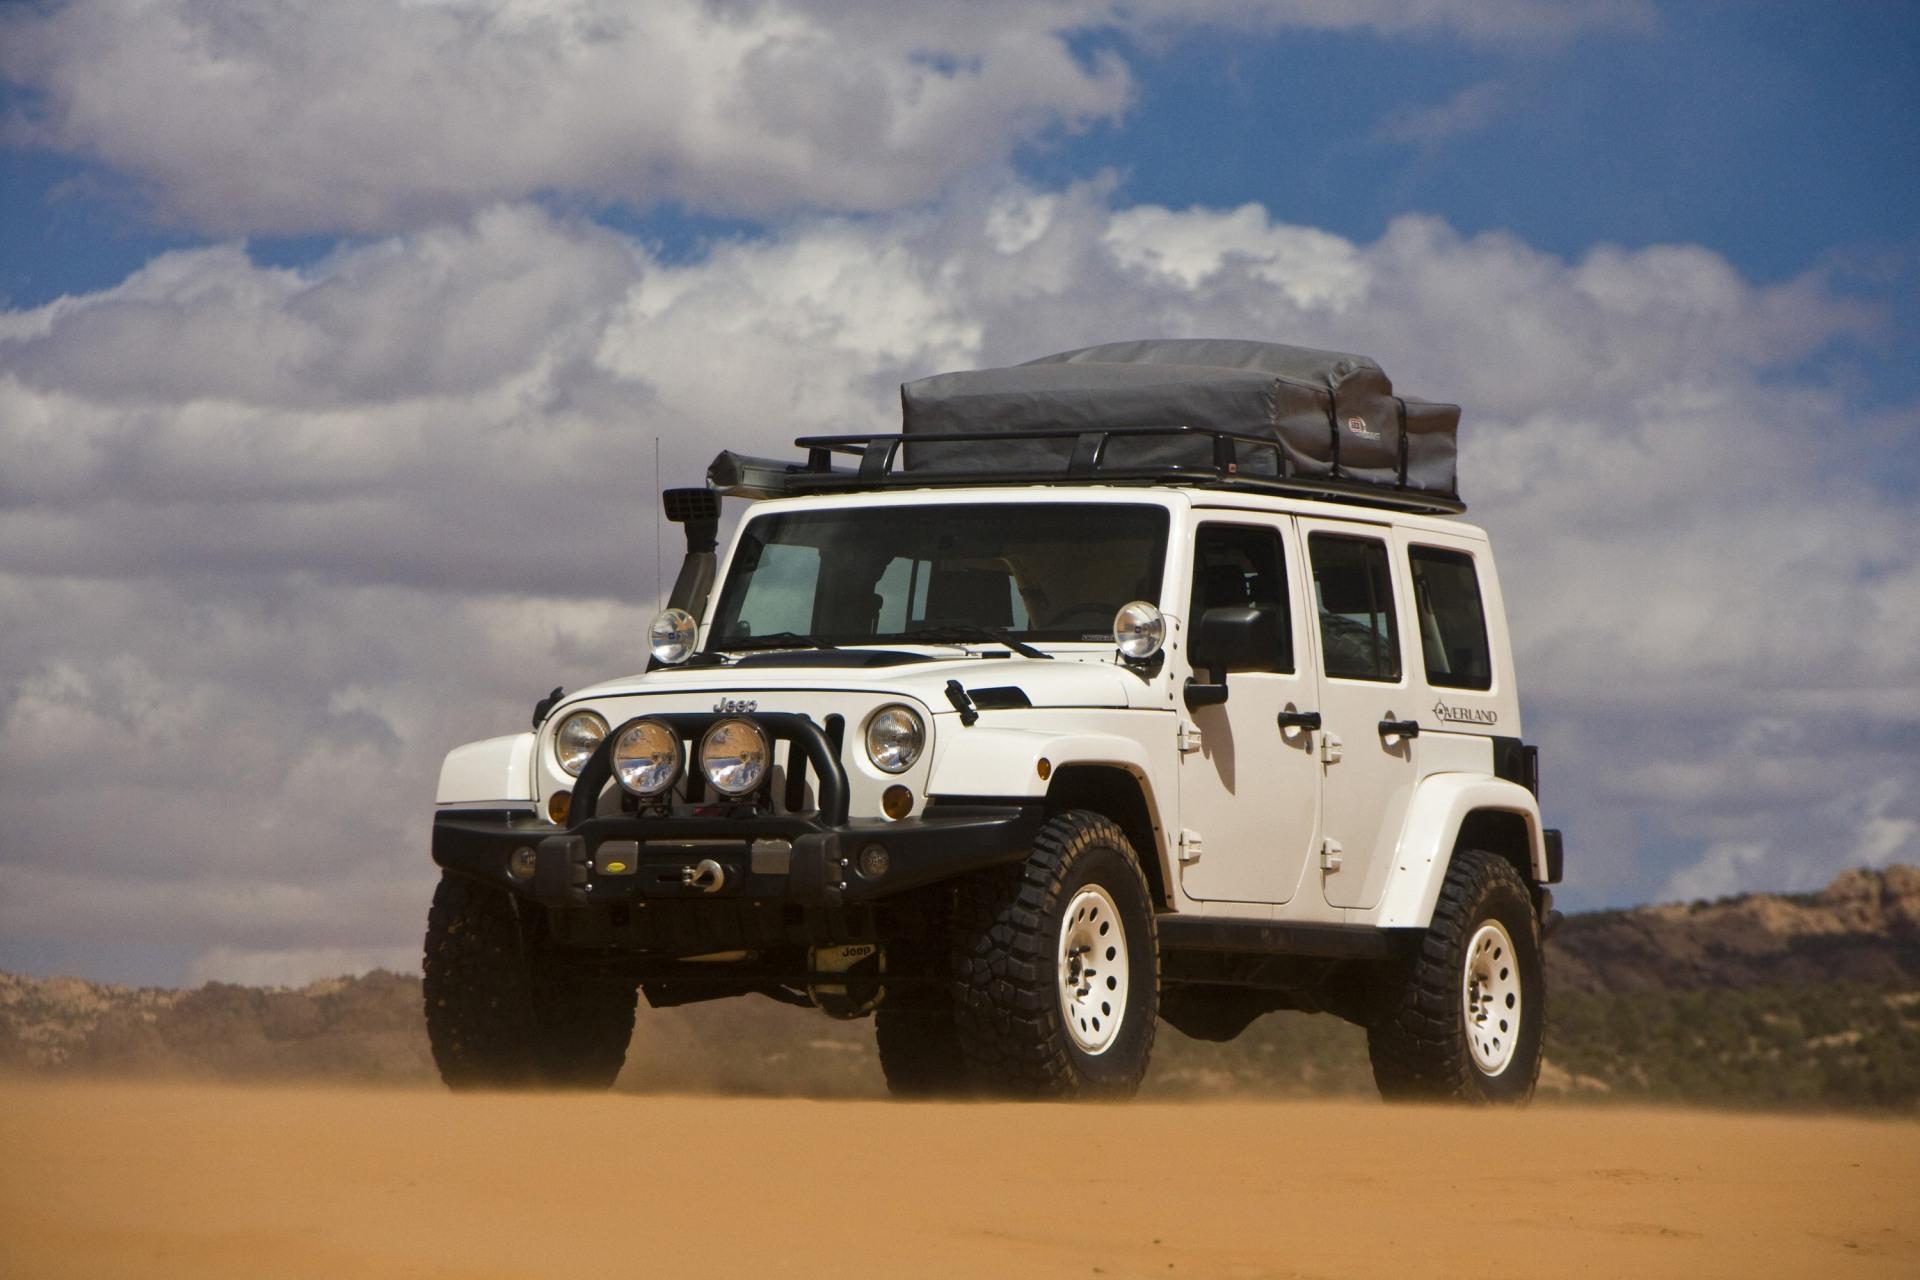 2010 jeep wrangler overland. Black Bedroom Furniture Sets. Home Design Ideas